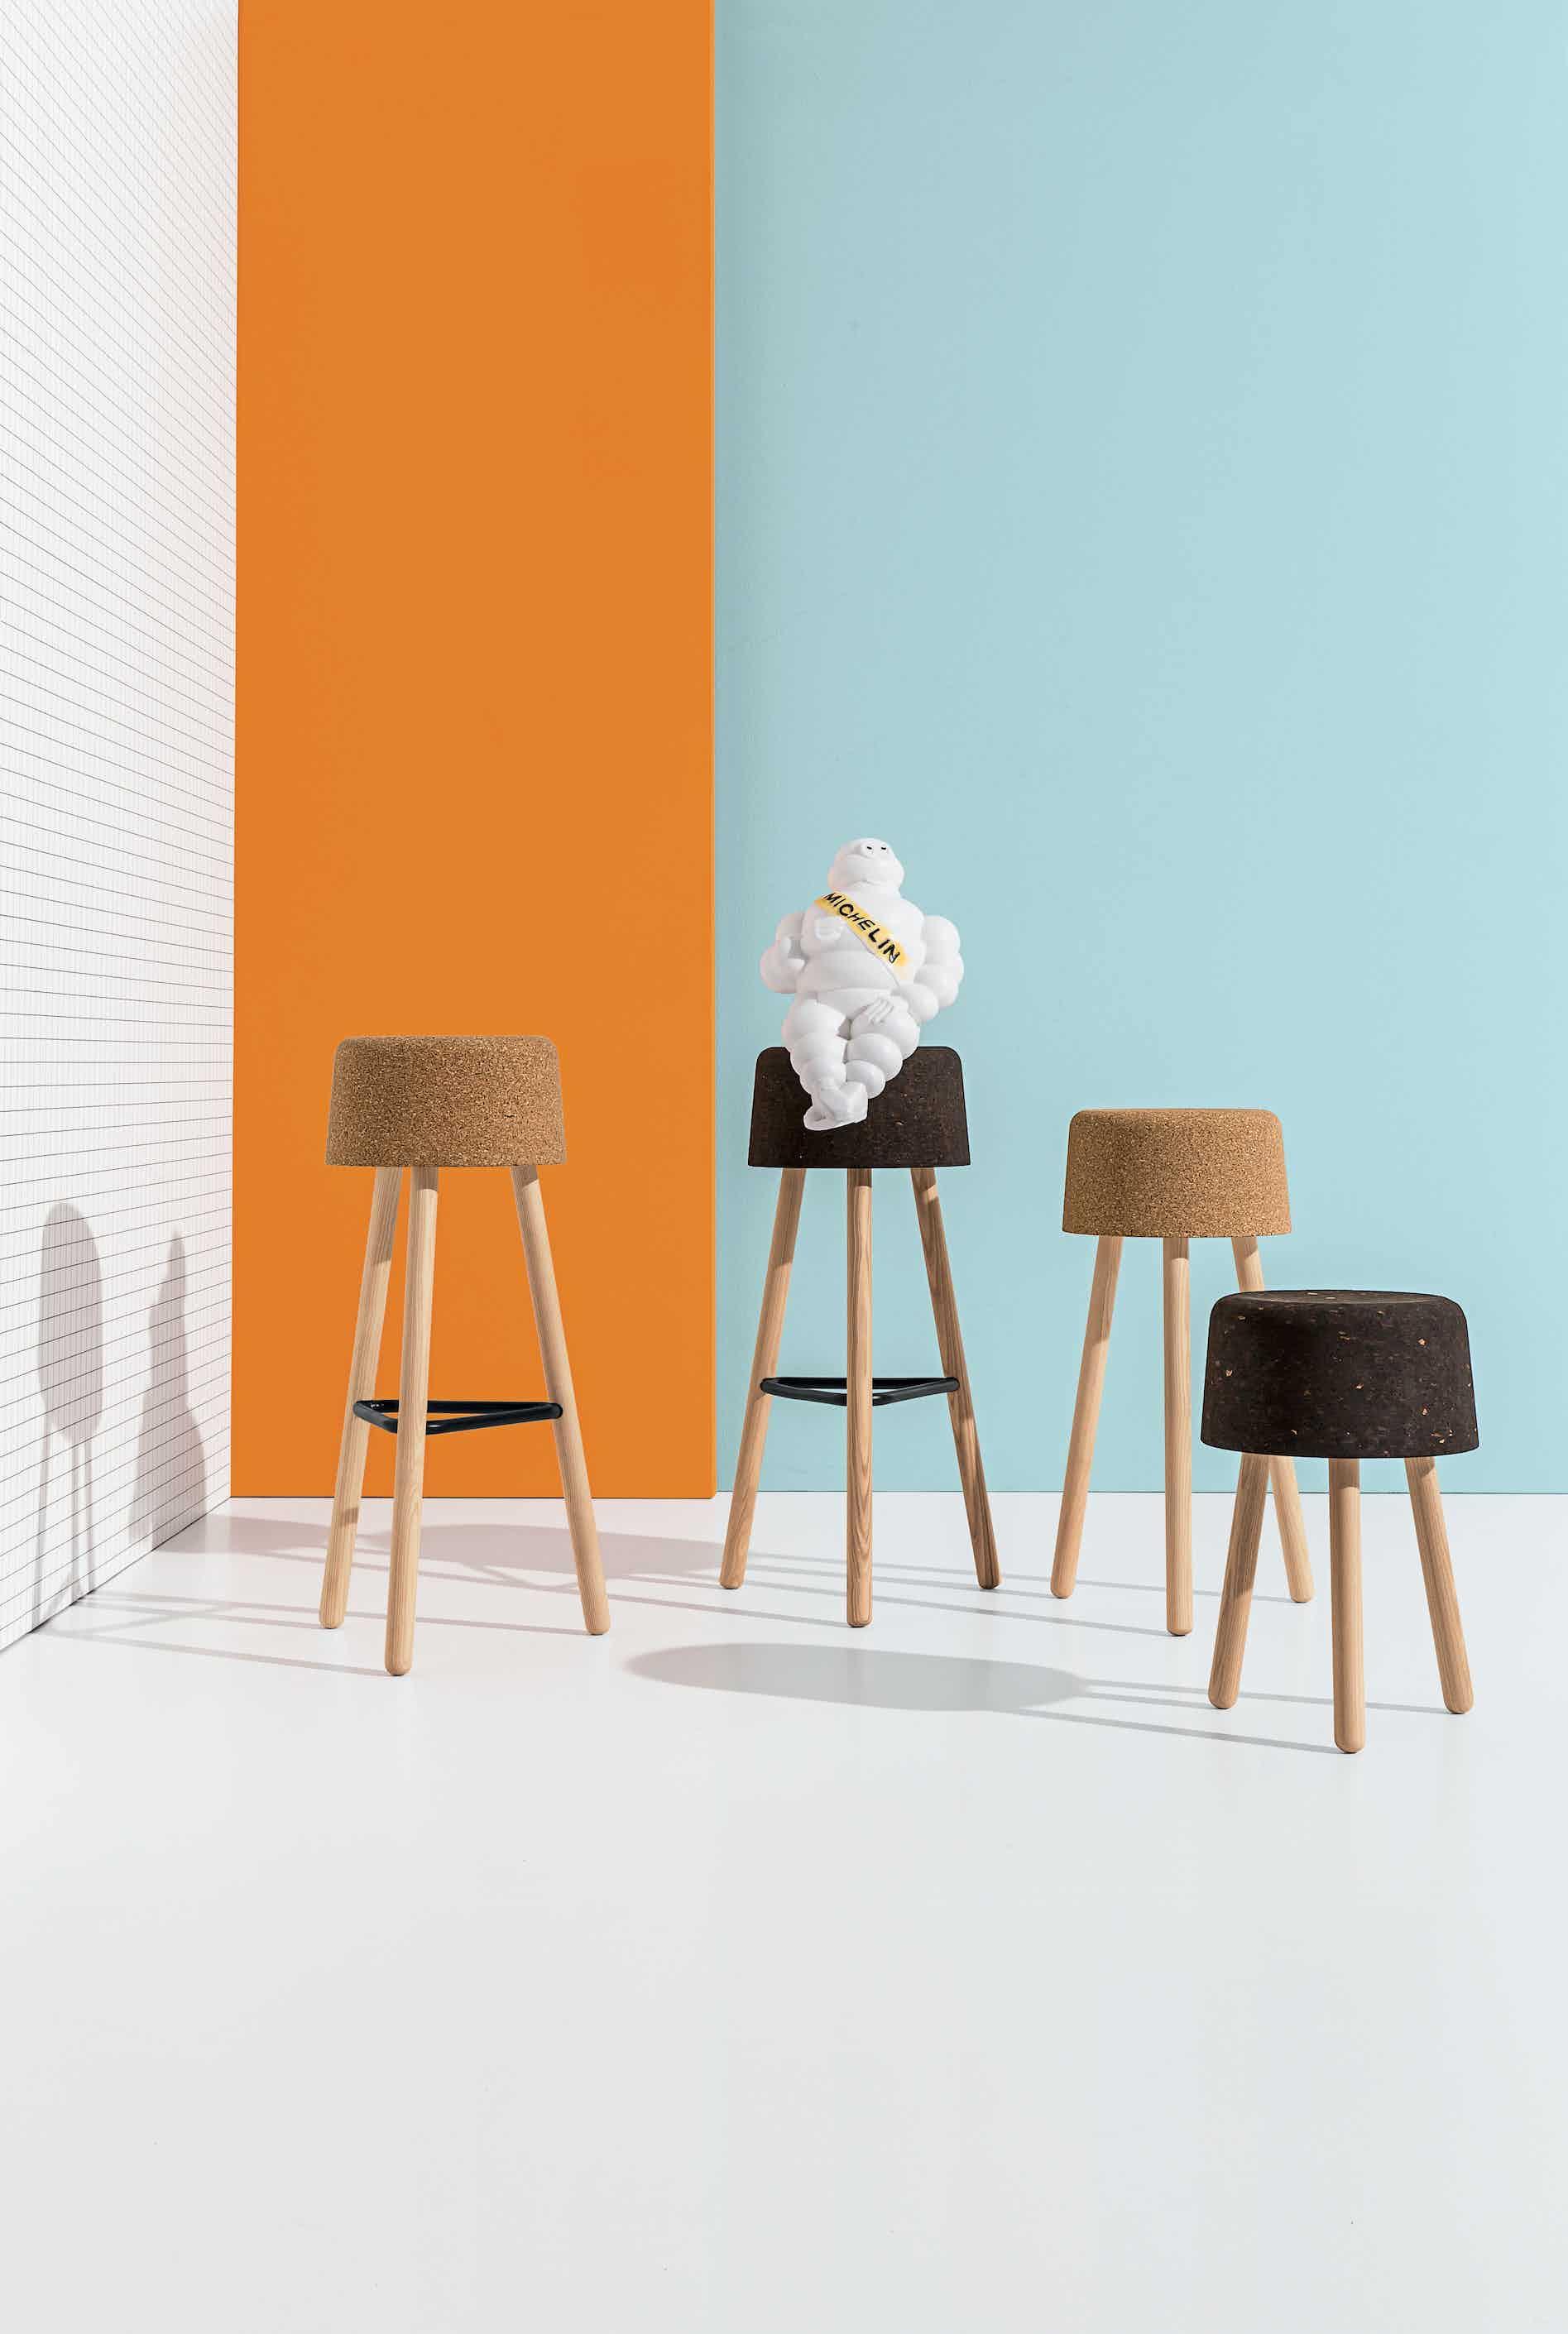 Discipline bombetta stools insitu assorted haute living